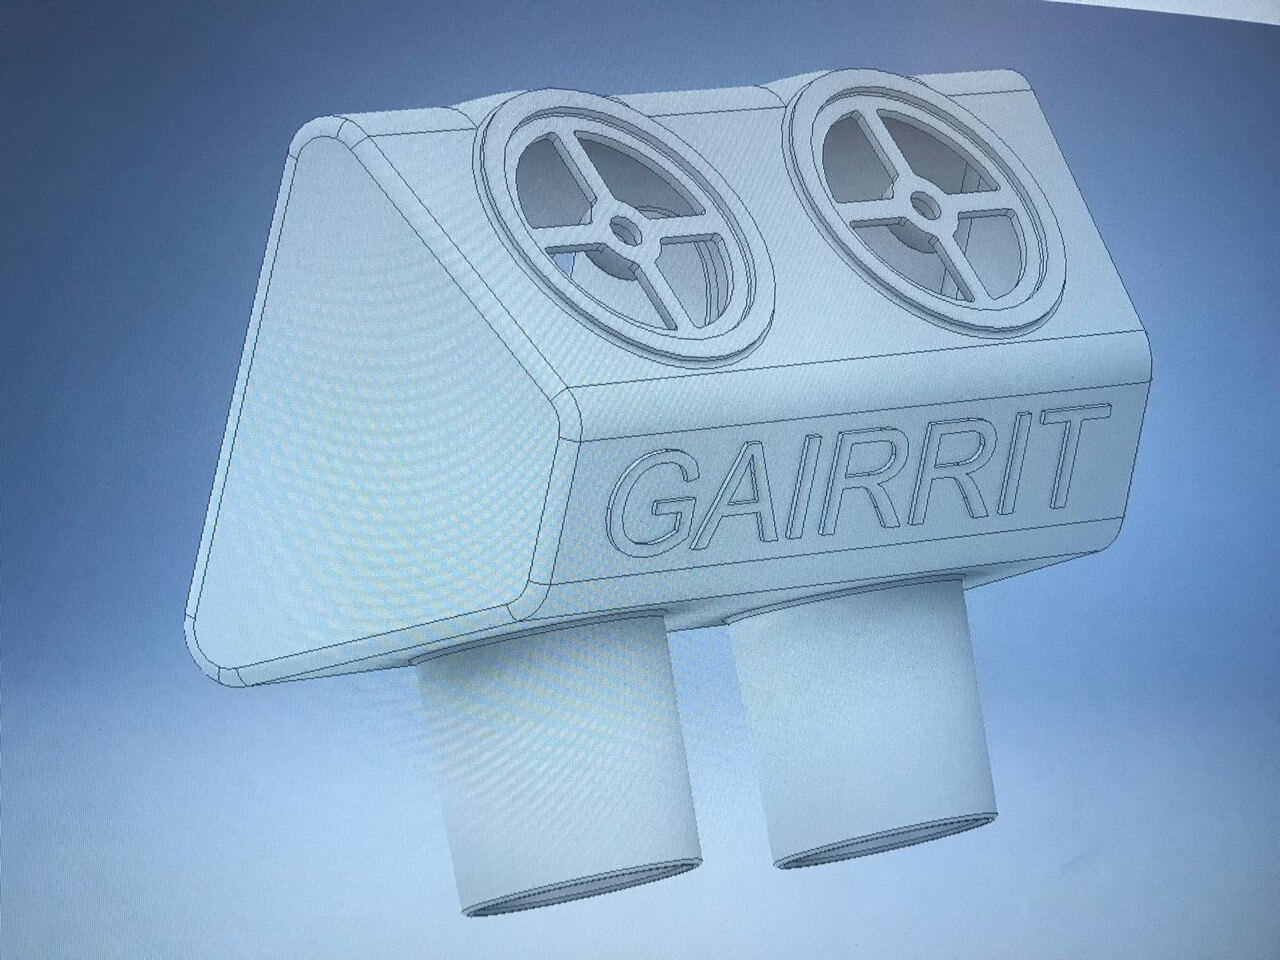 Maskenverteiler von GAIRRIT